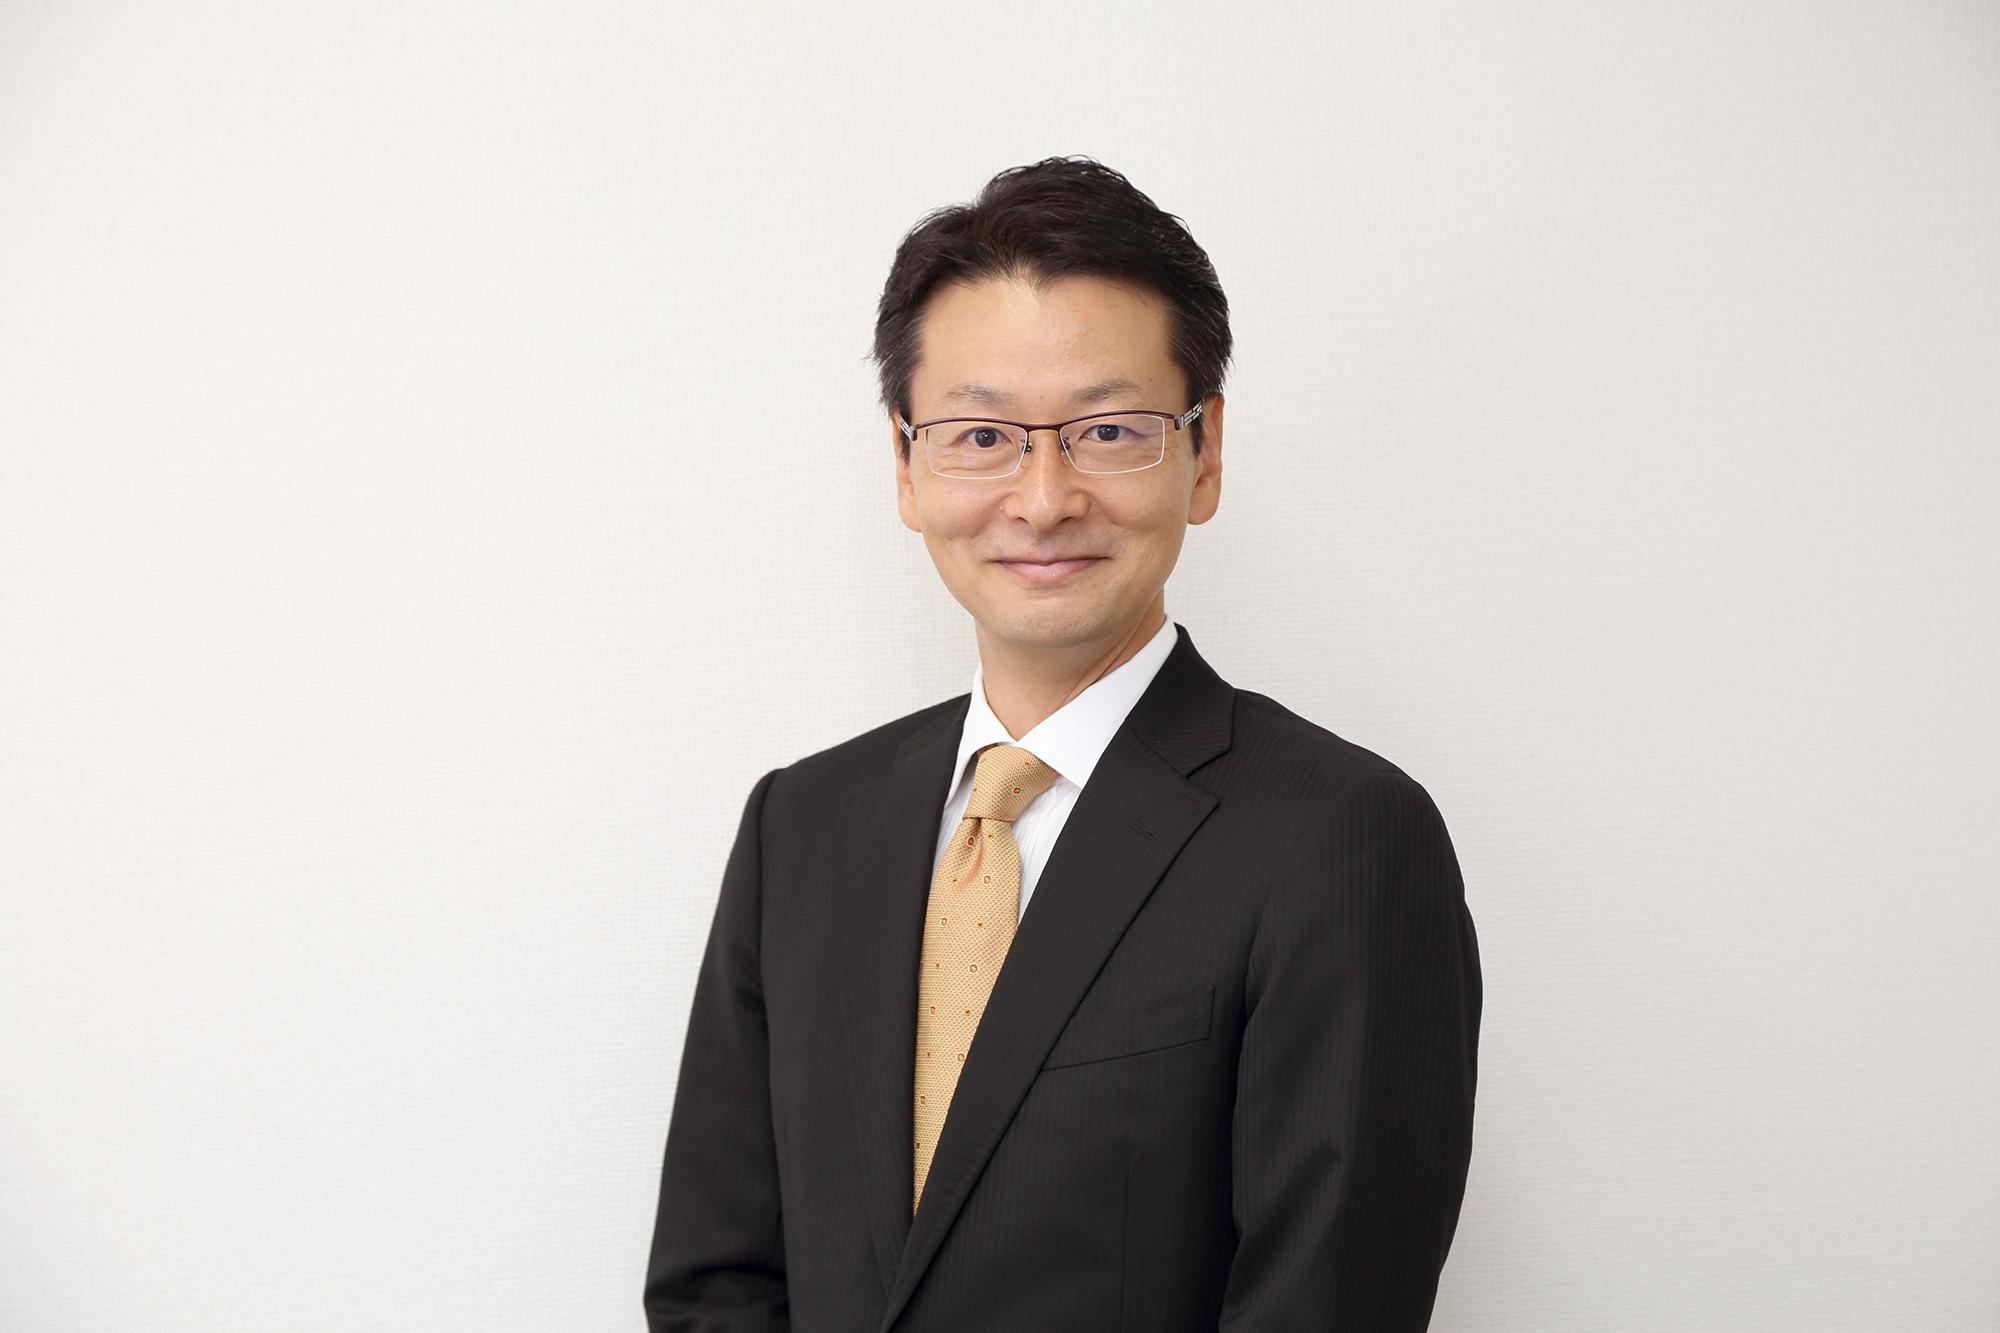 田島公認会計士事務所